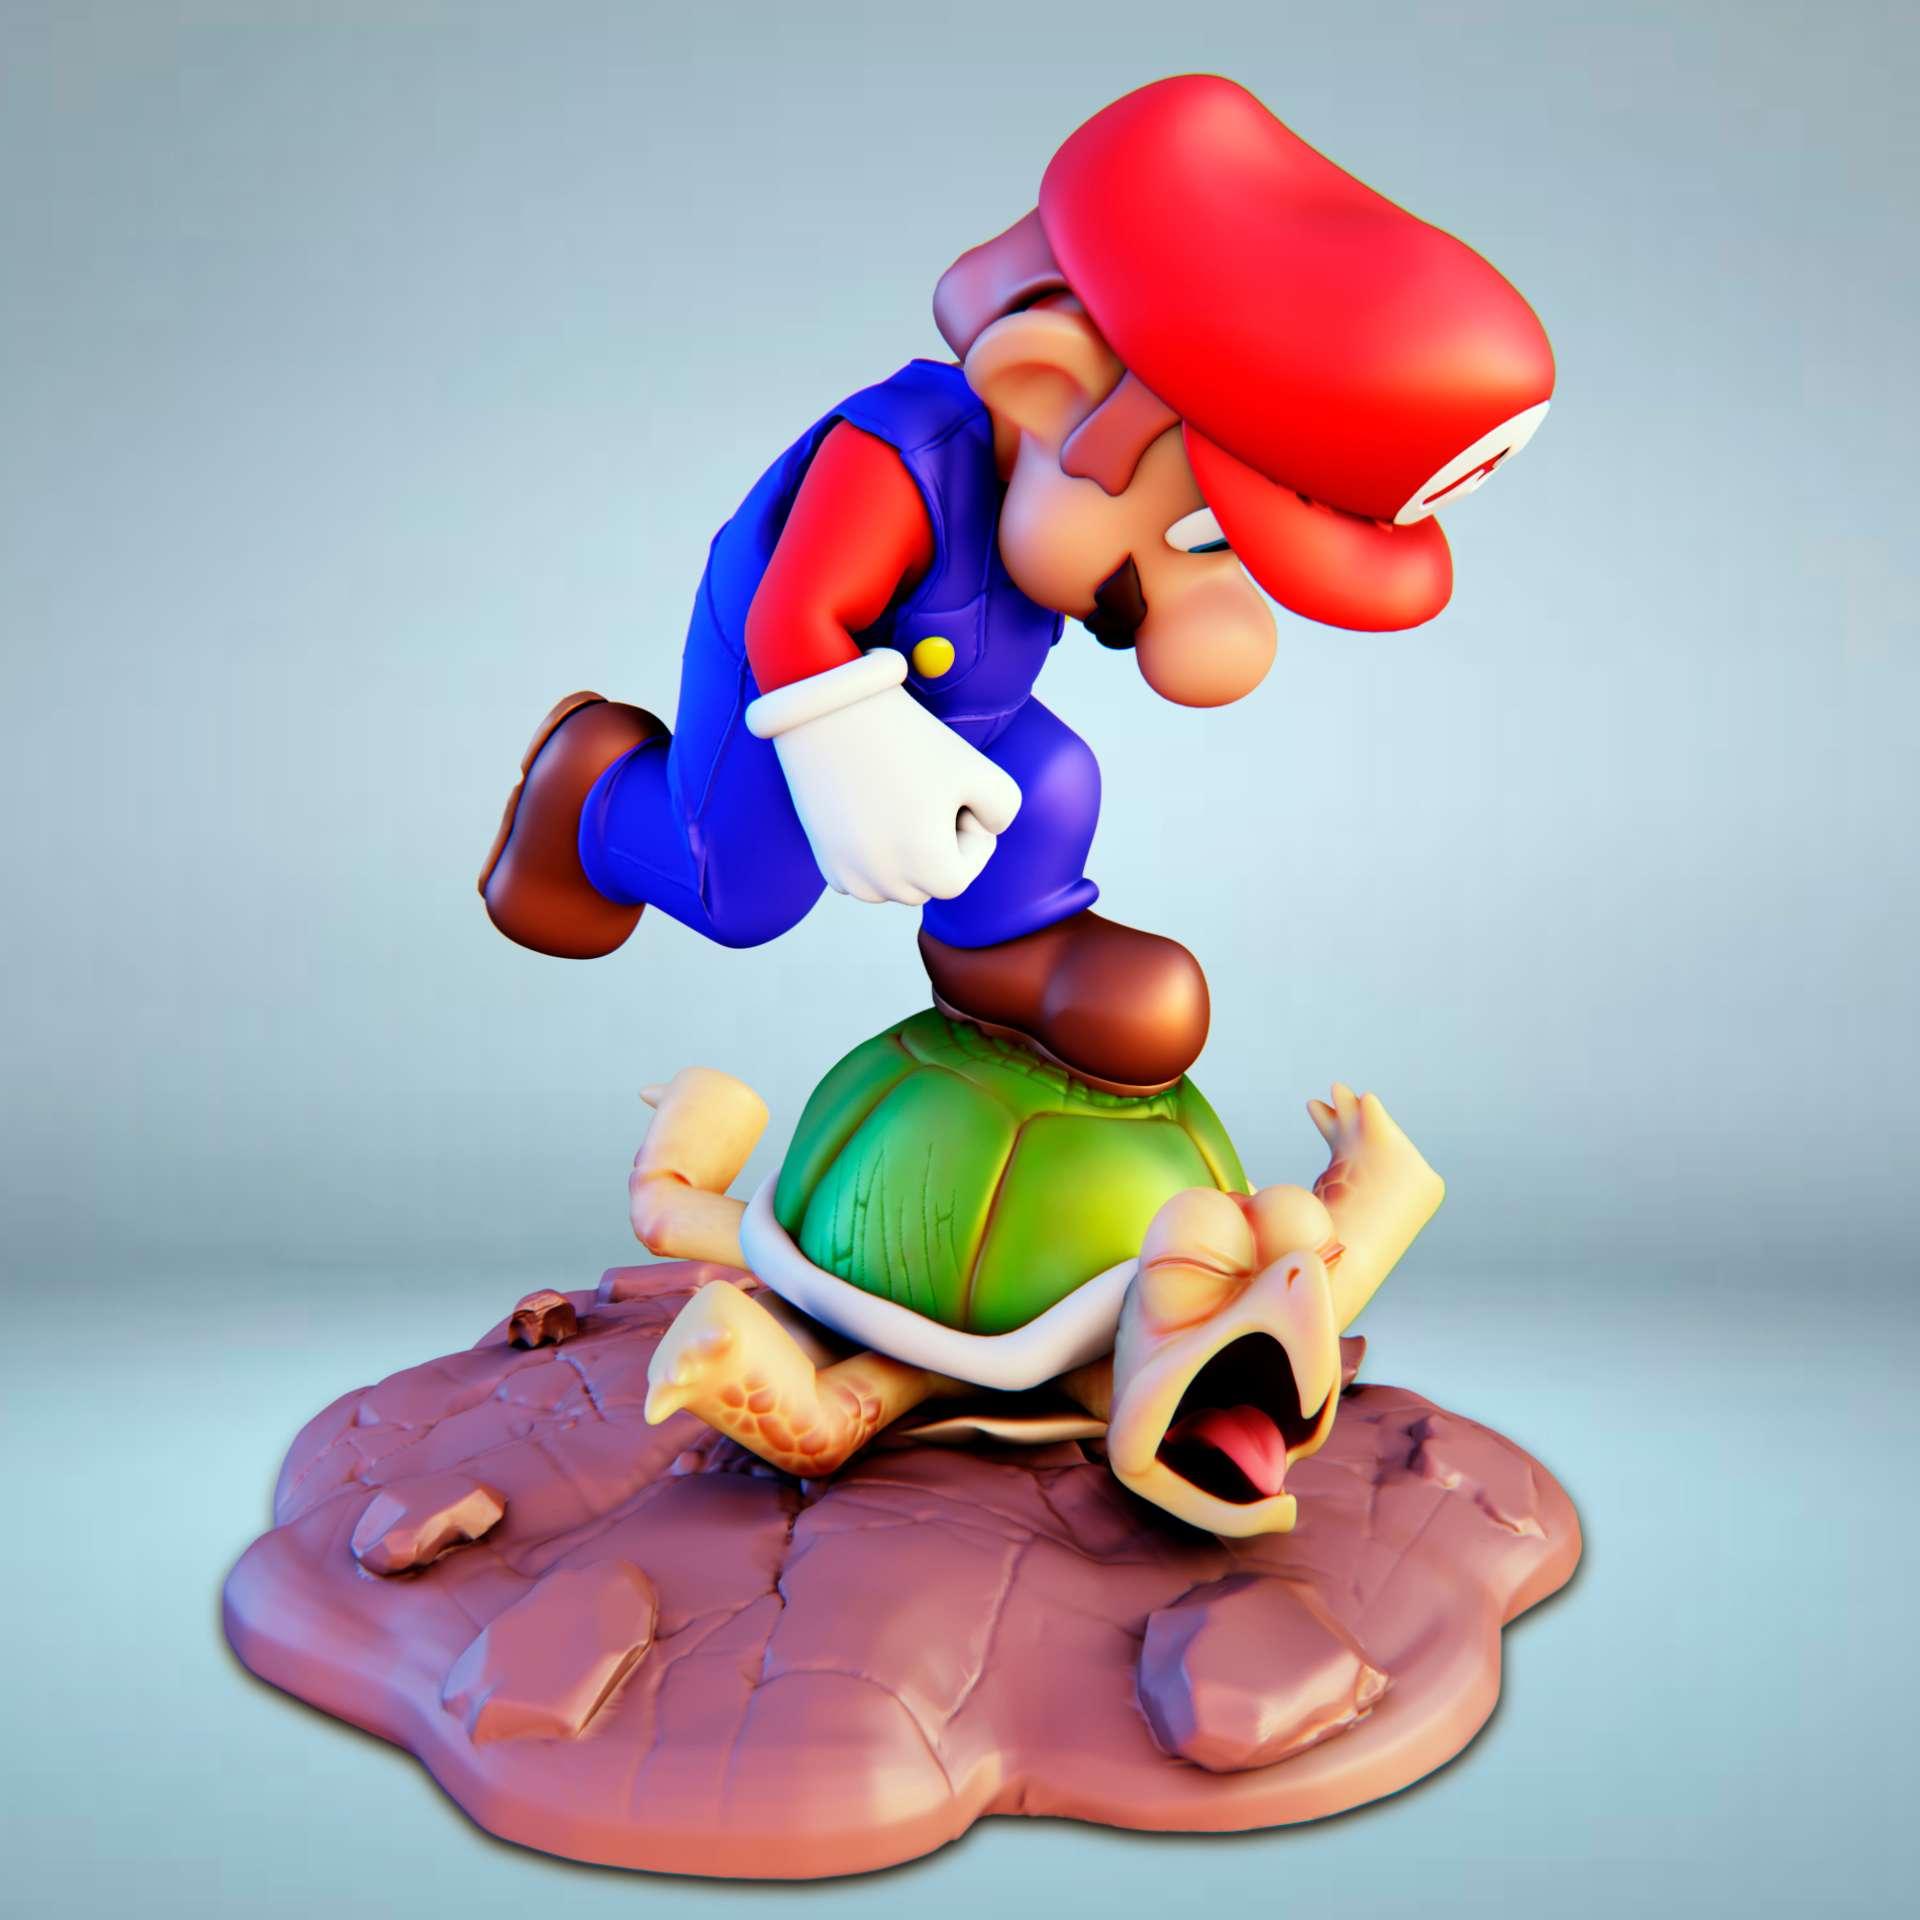 Super Mario vs Turtle - Super Mario Stepping on the turtle  - Os melhores arquivos para impressão 3D do mundo. Modelos stl divididos em partes para facilitar a impressão 3D. Todos os tipos de personagens, decoração, cosplay, próteses, peças. Qualidade na impressão 3D. Modelos 3D com preço acessível. Baixo custo. Compras coletivas de arquivos 3D.